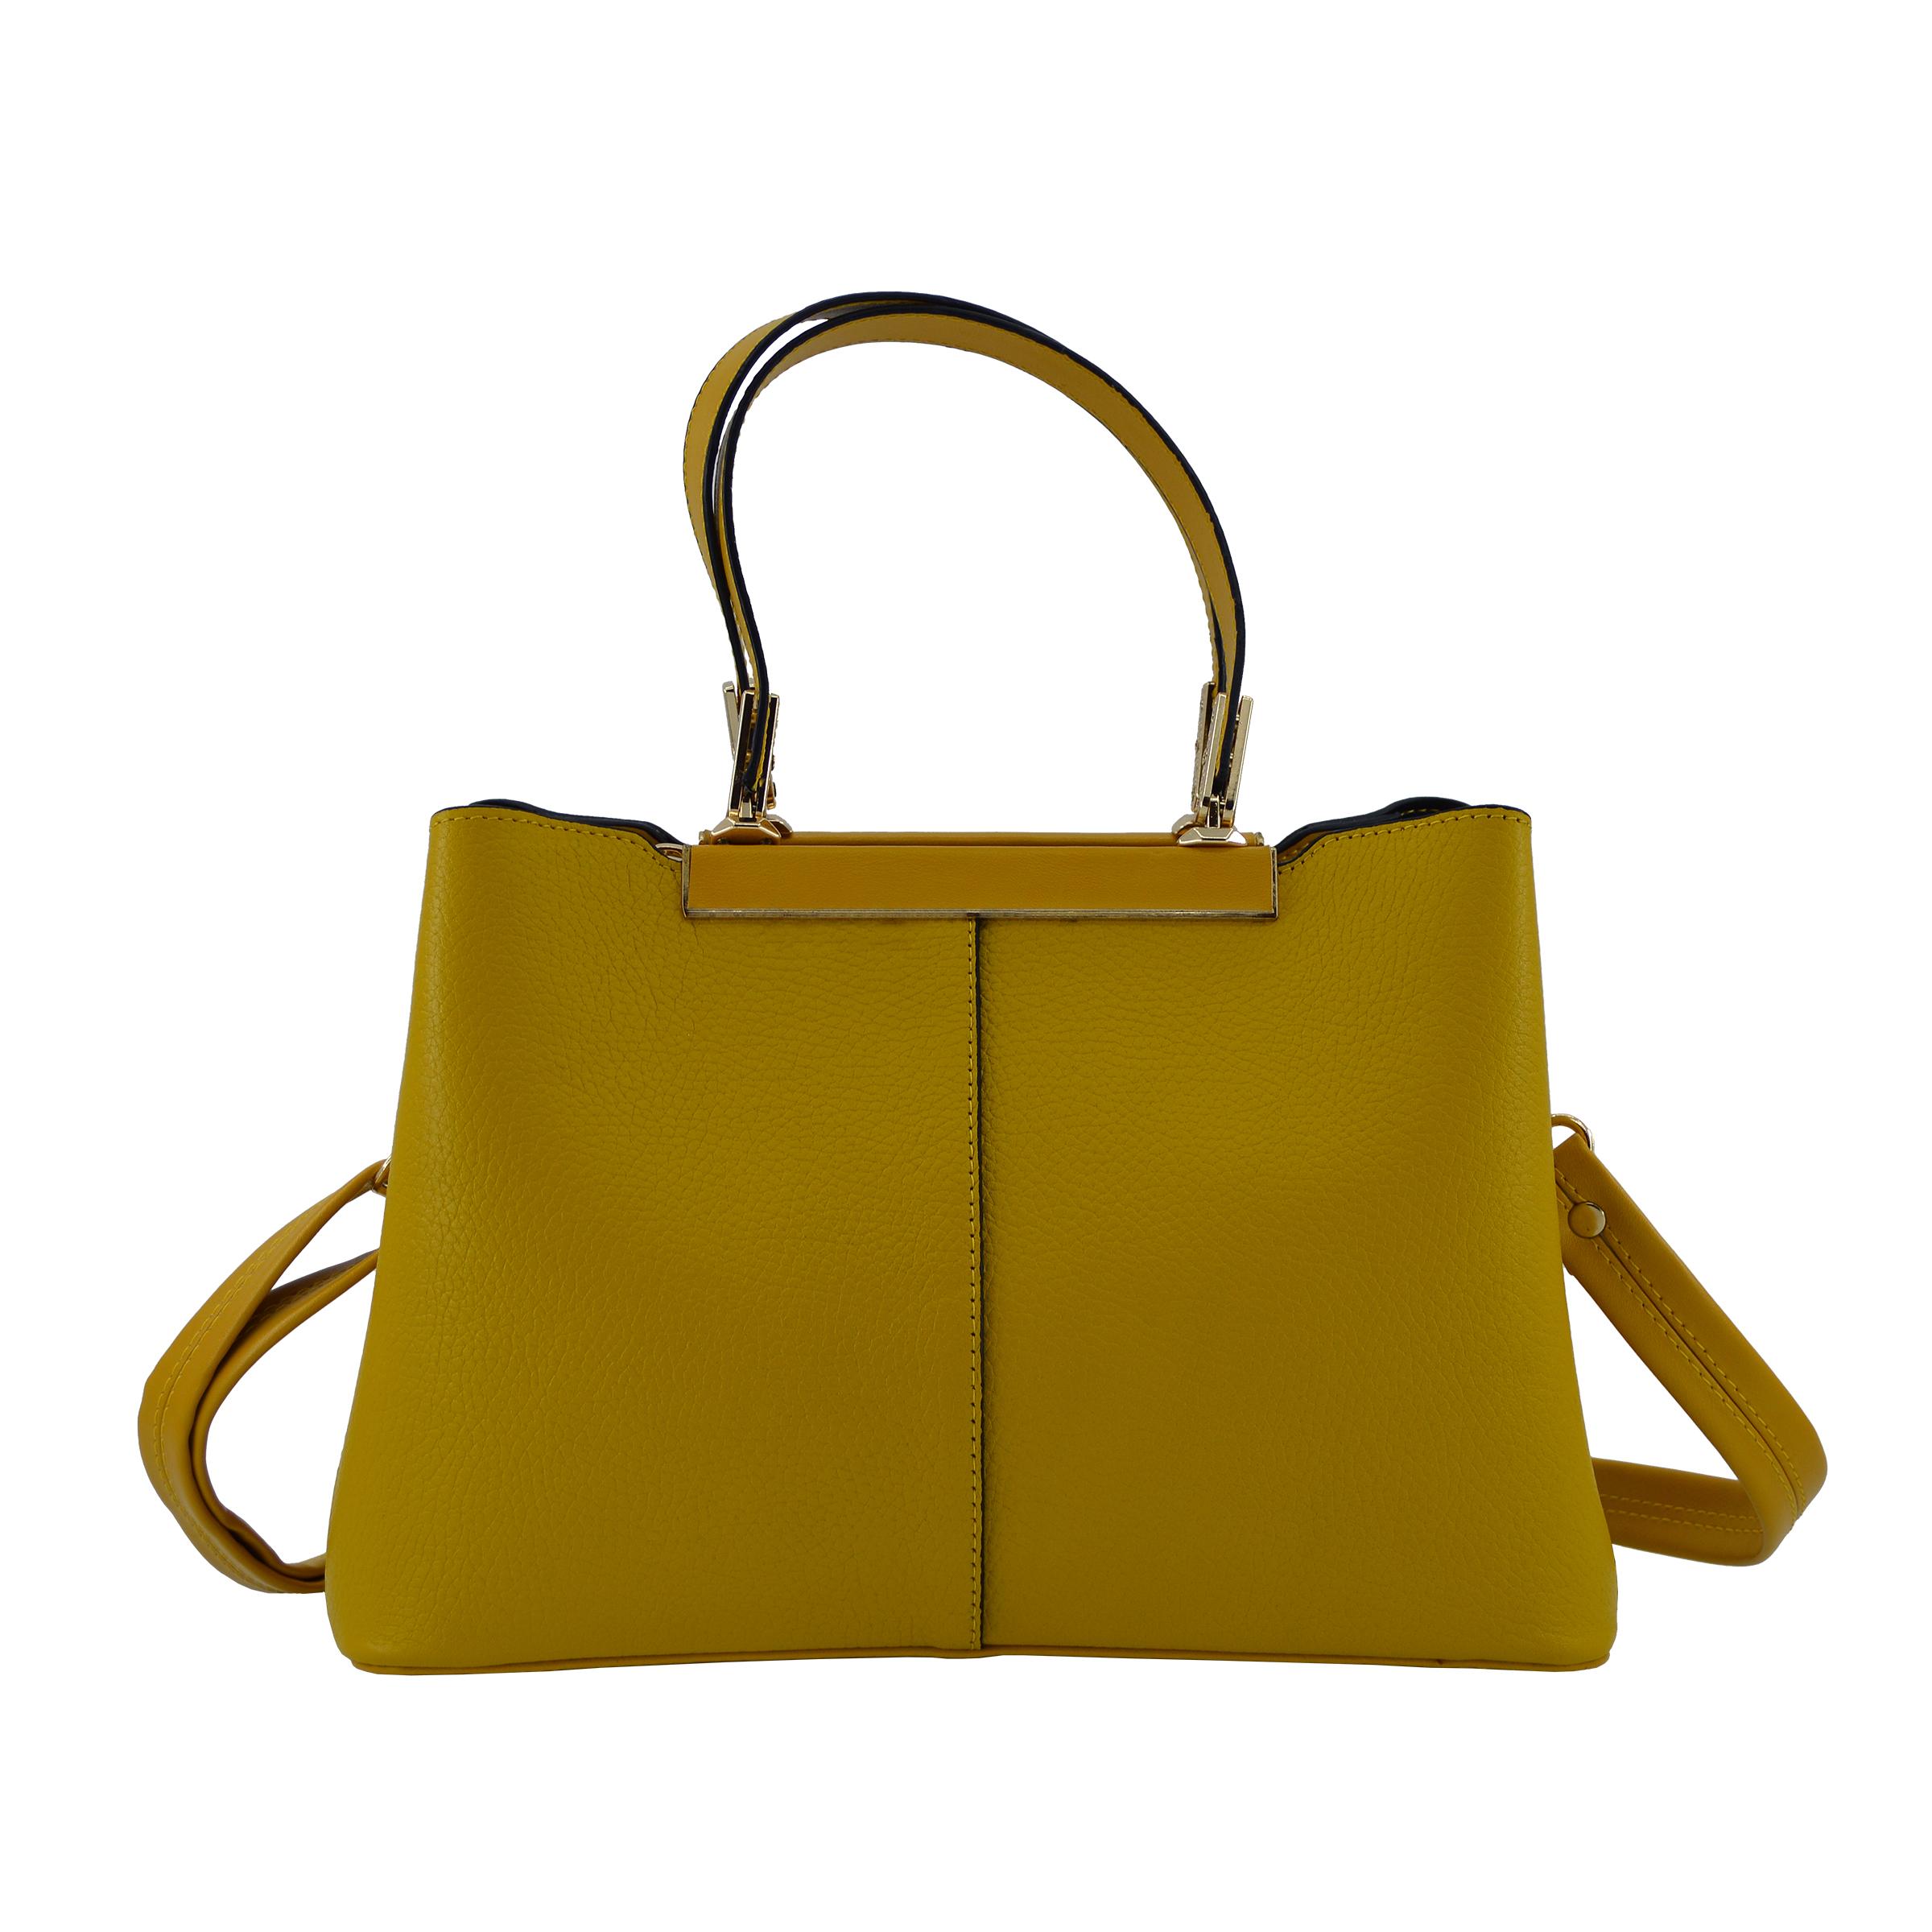 کیف دستی زنانه چرم مکس مدل آلدورا 12207